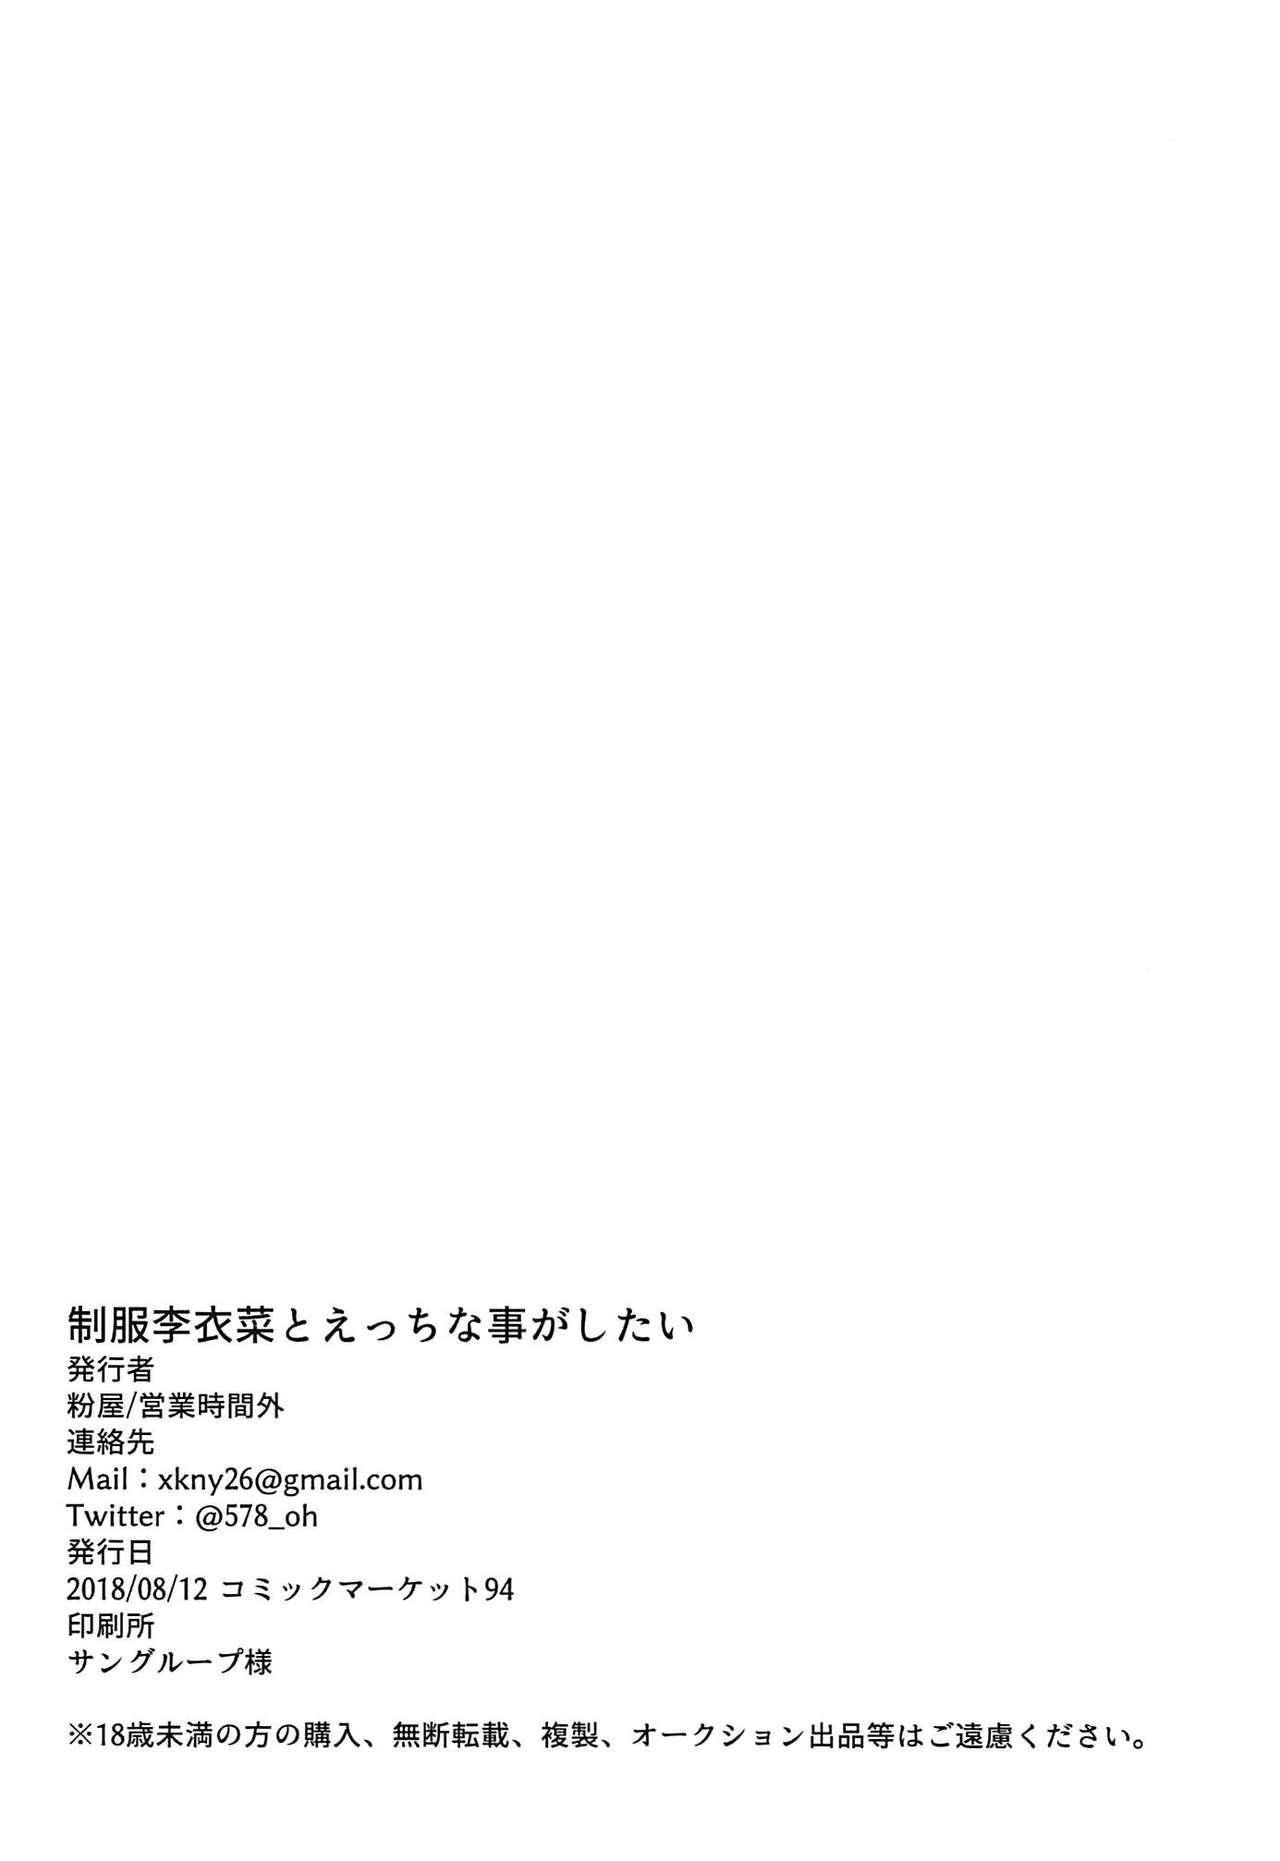 Seifuku Riina to Ecchi na Koto ga Shitai 16